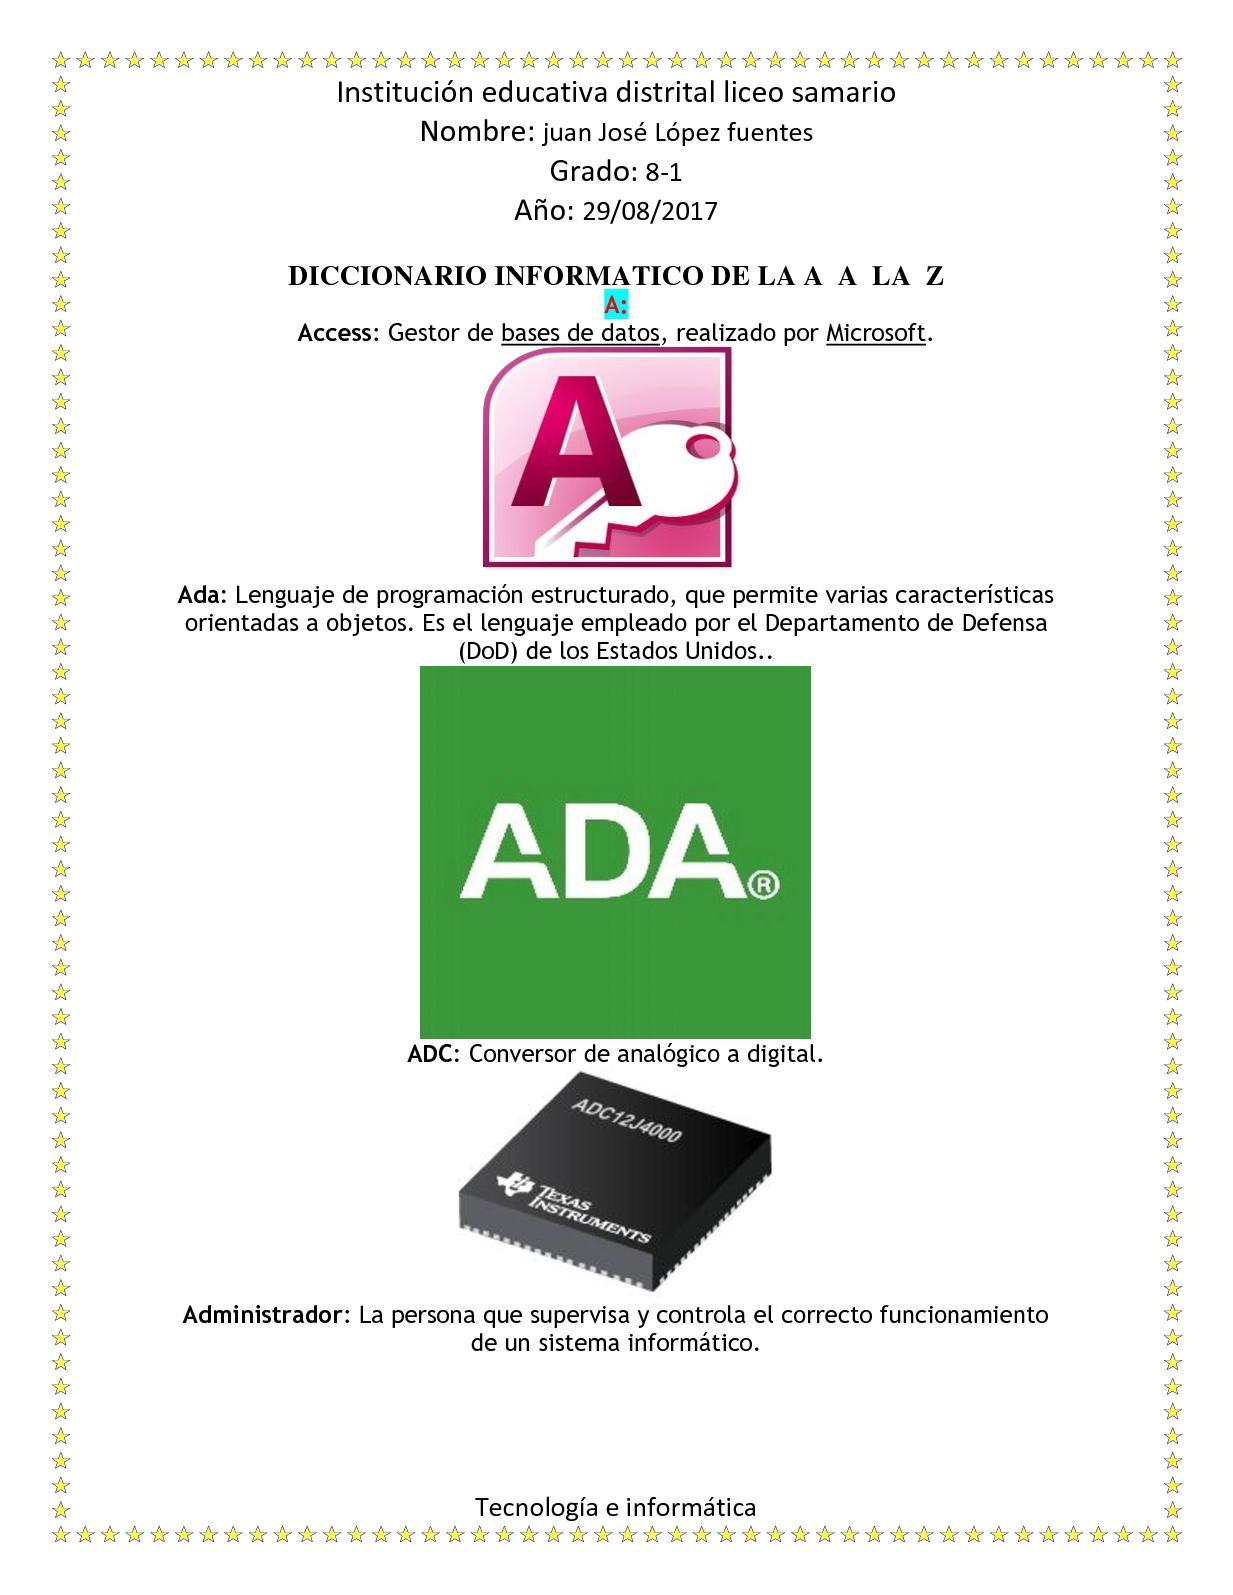 Diccionario Informatico De La A A La Z Docx